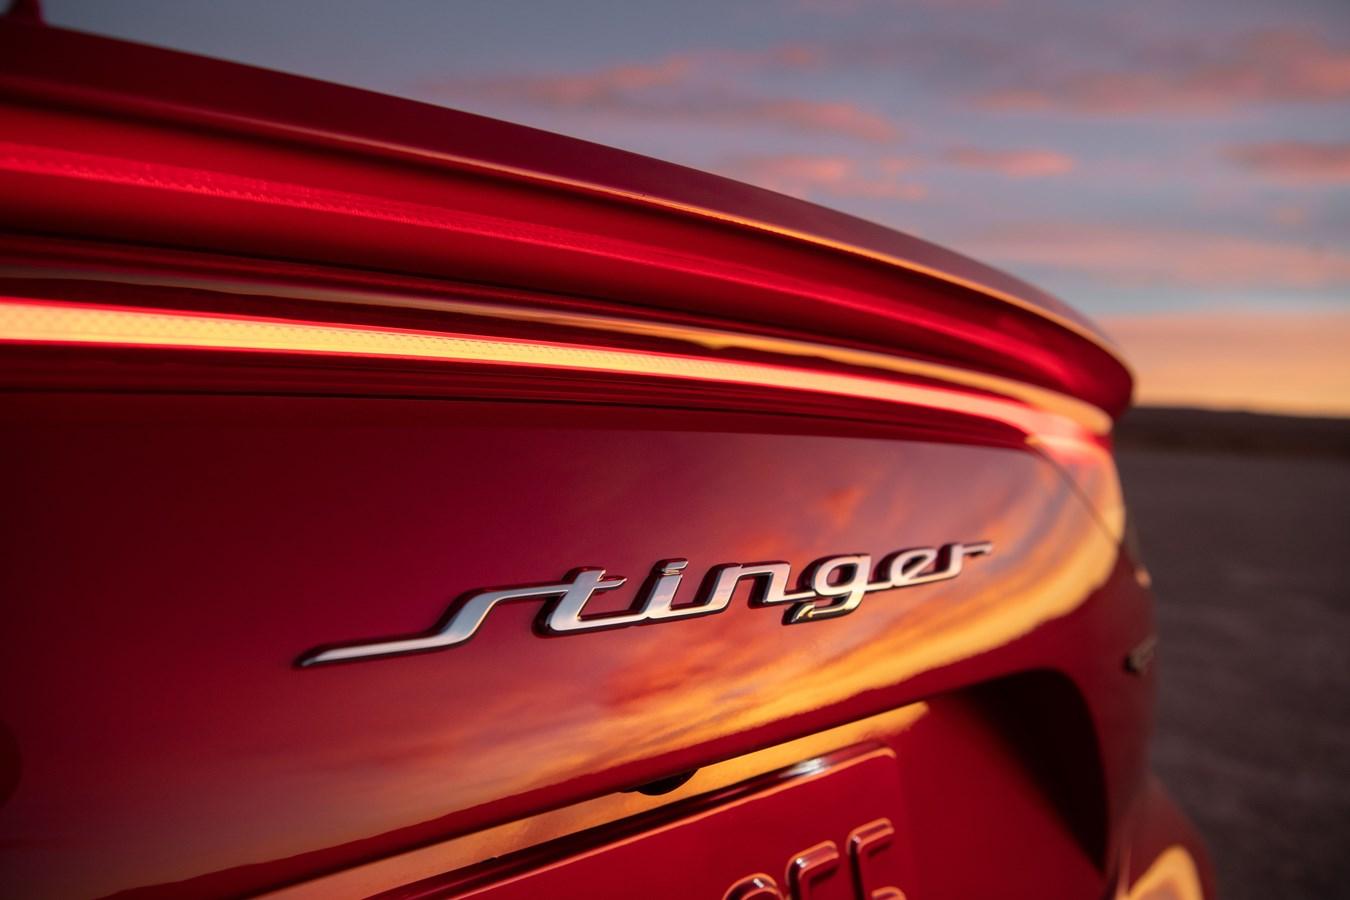 2022 Stinger GT rear lettering